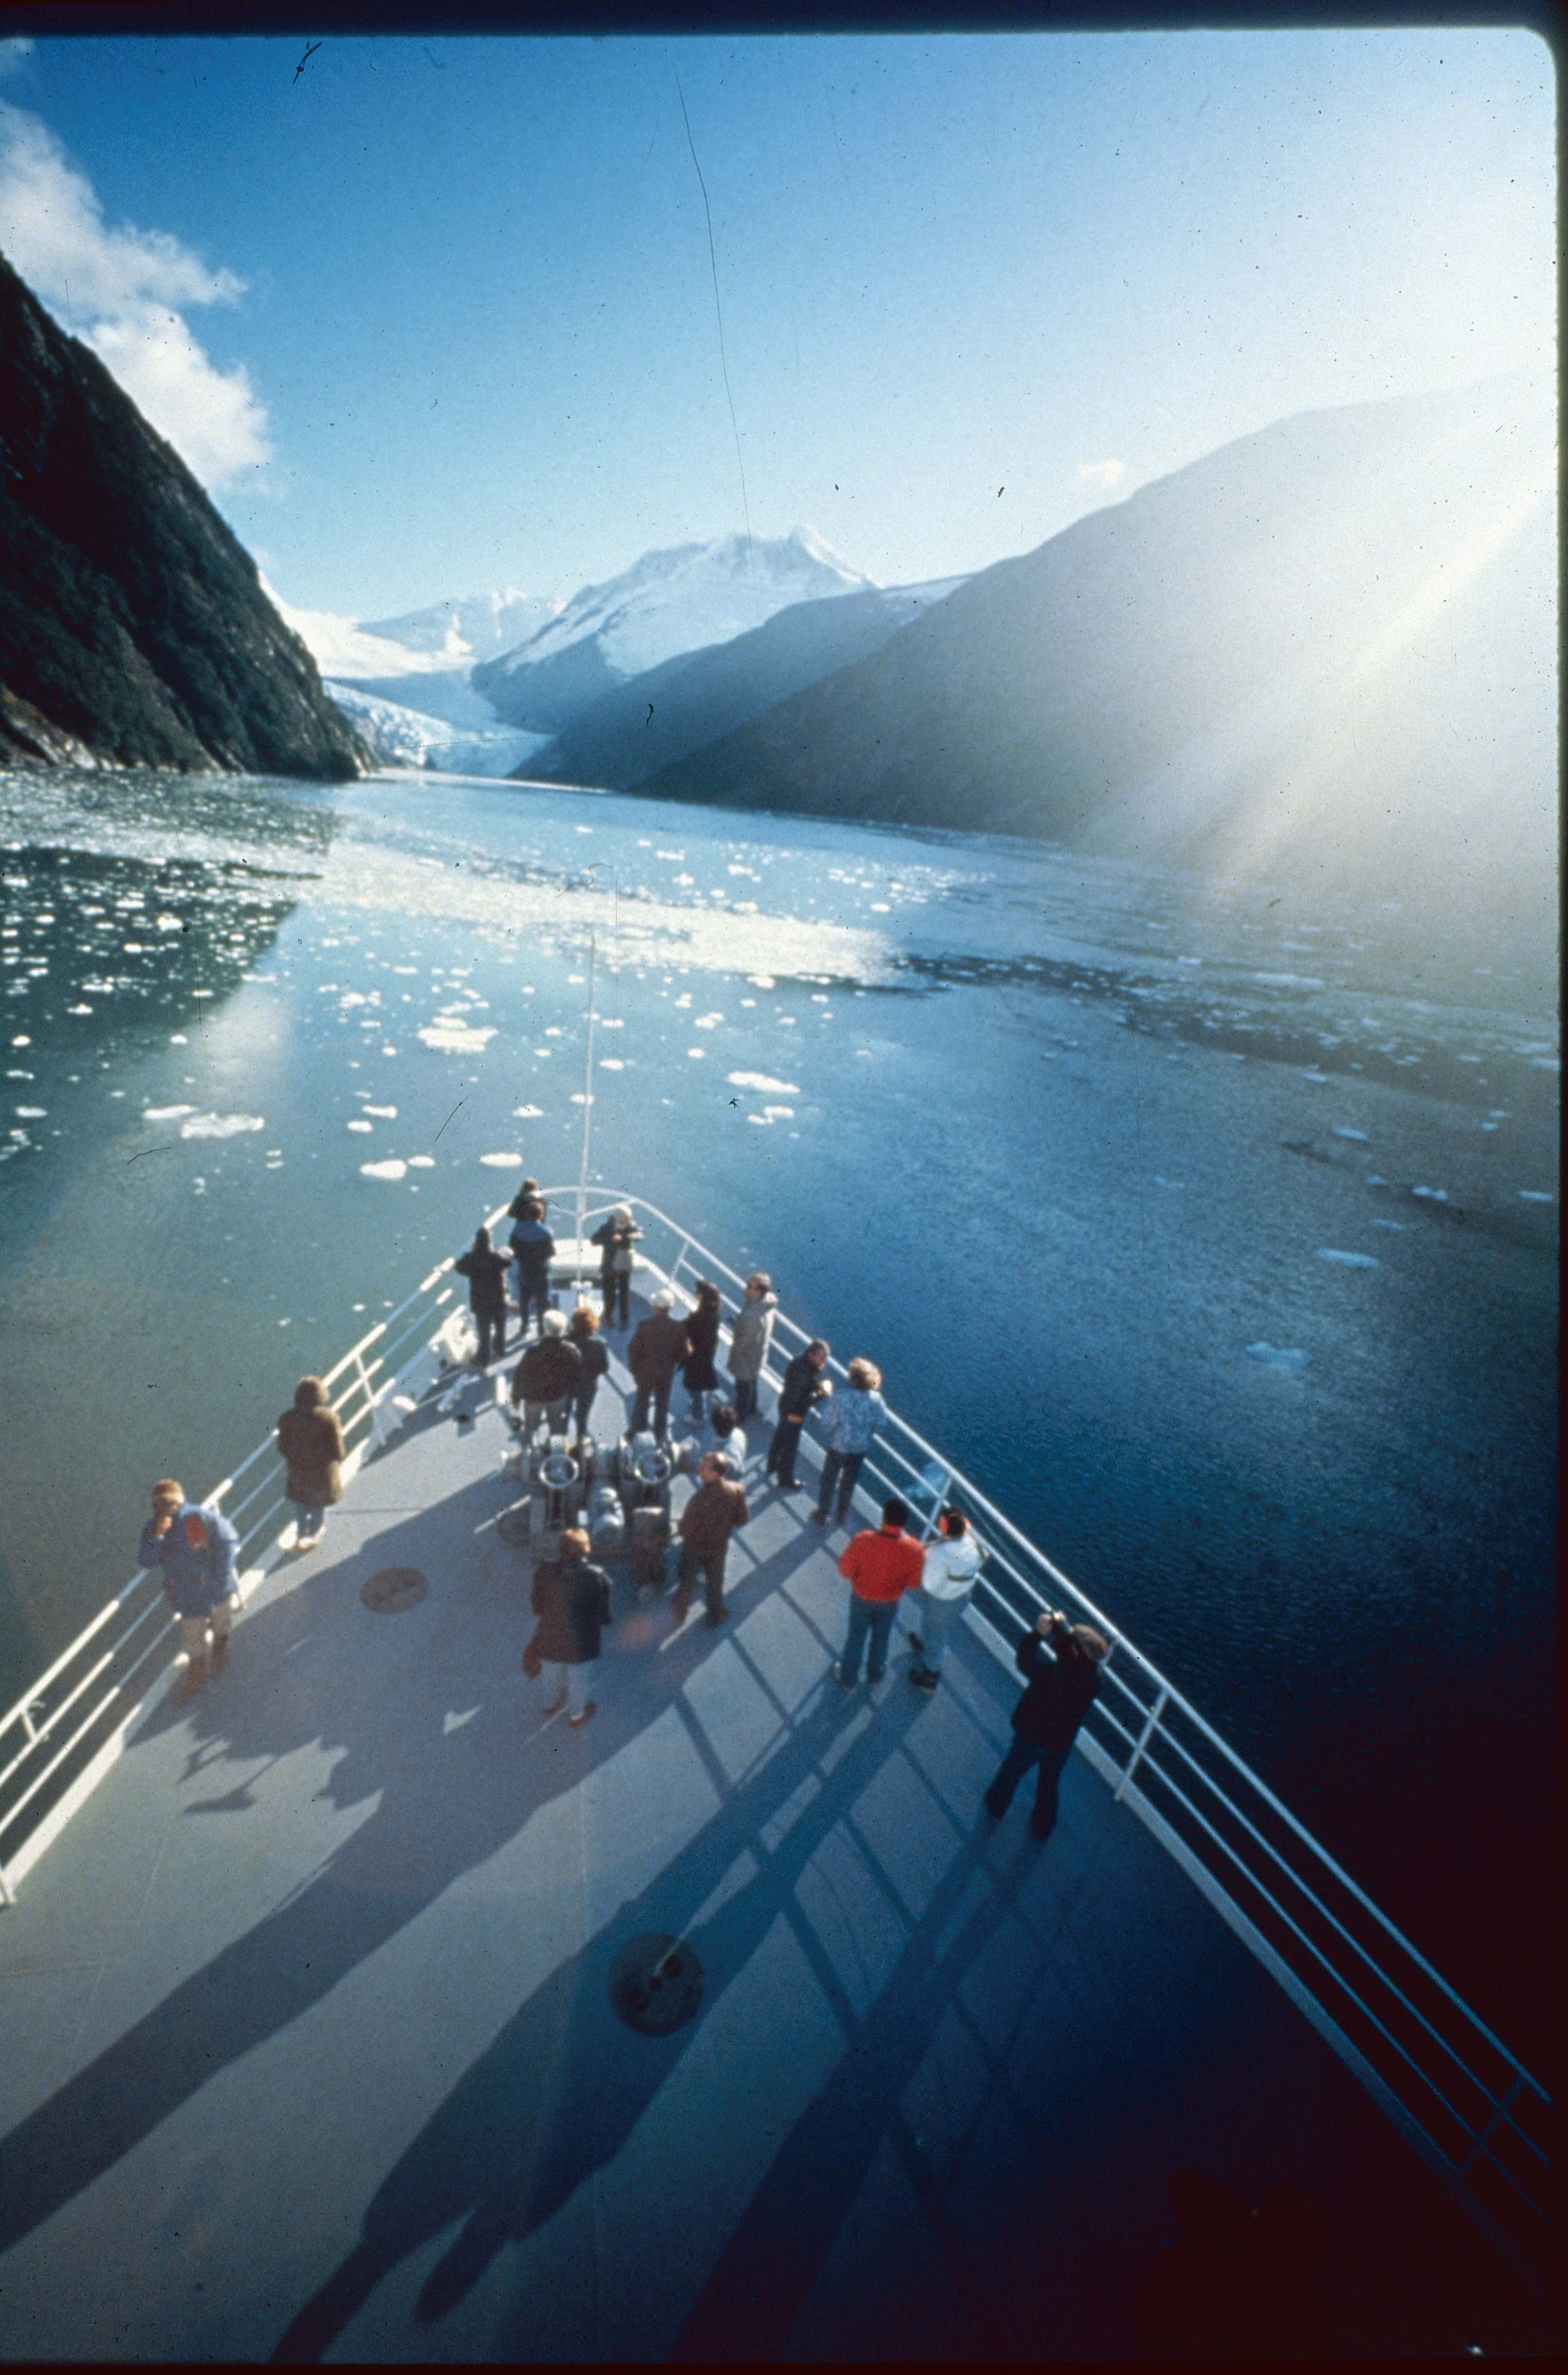 Enterreno - Fotos históricas de chile - fotos antiguas de Chile - Crucero Australis y turistas, 1990